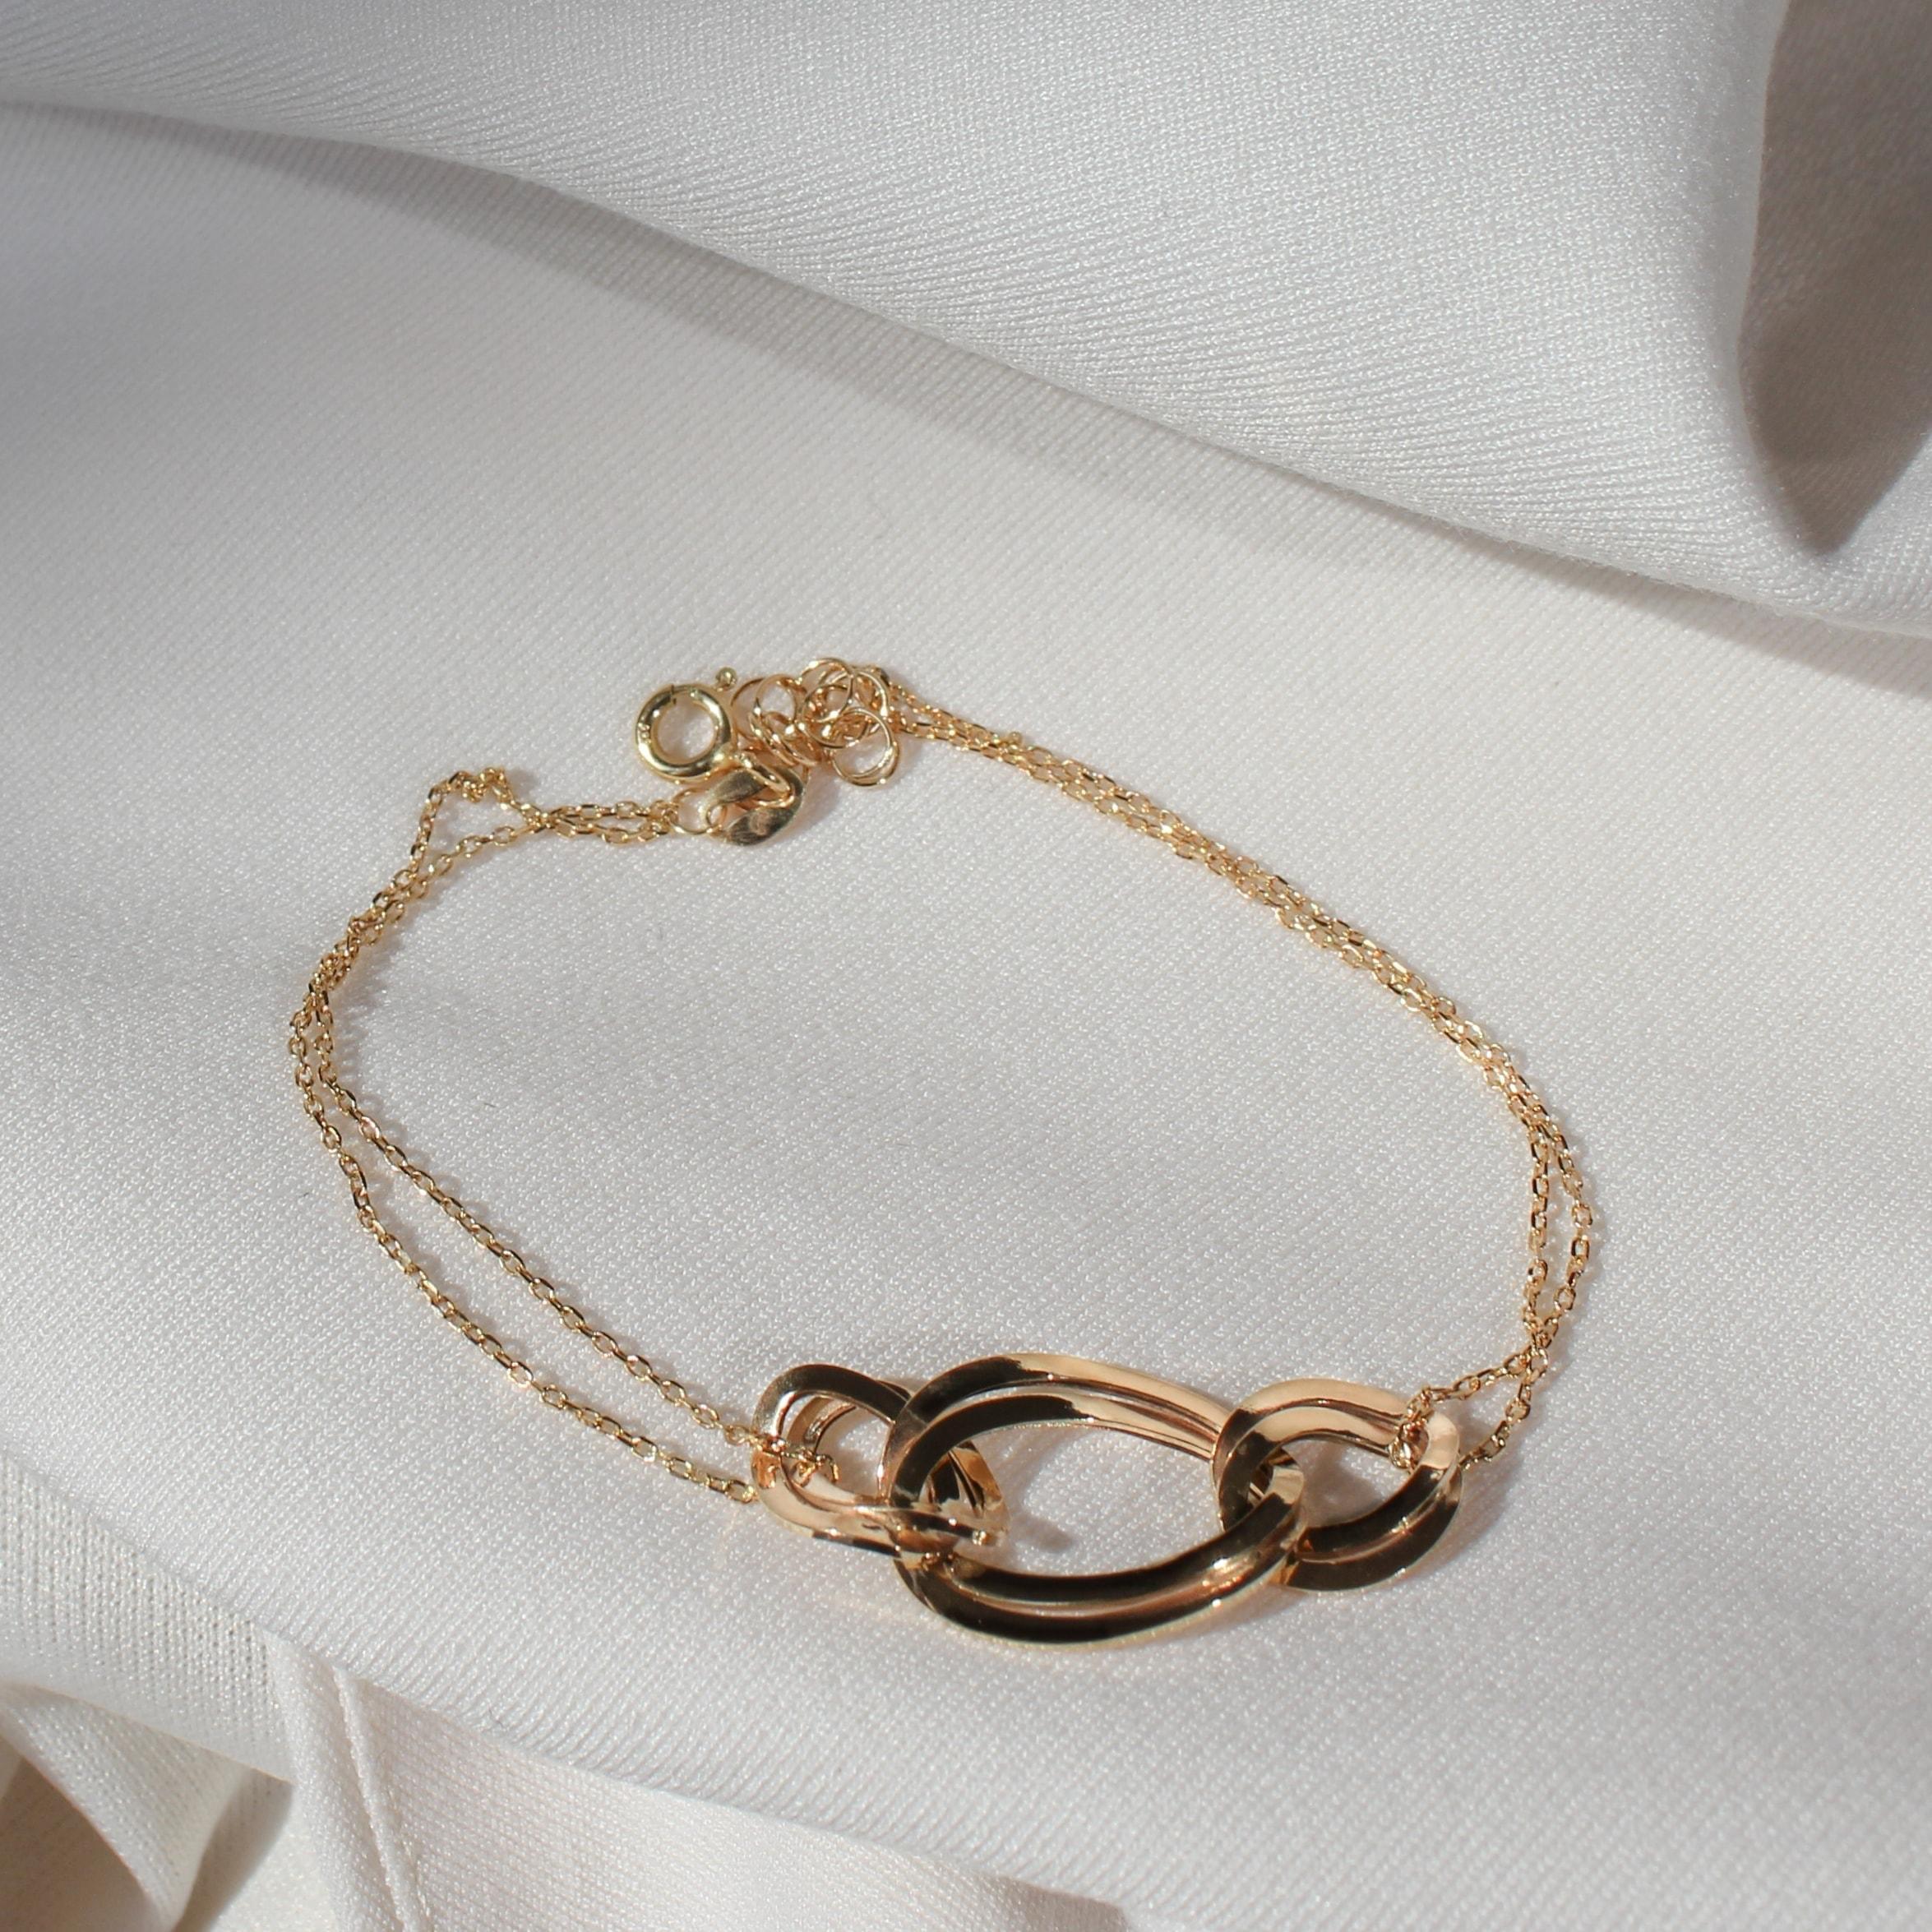 Złota bransoletka z łańcuszków na jasnym materiale